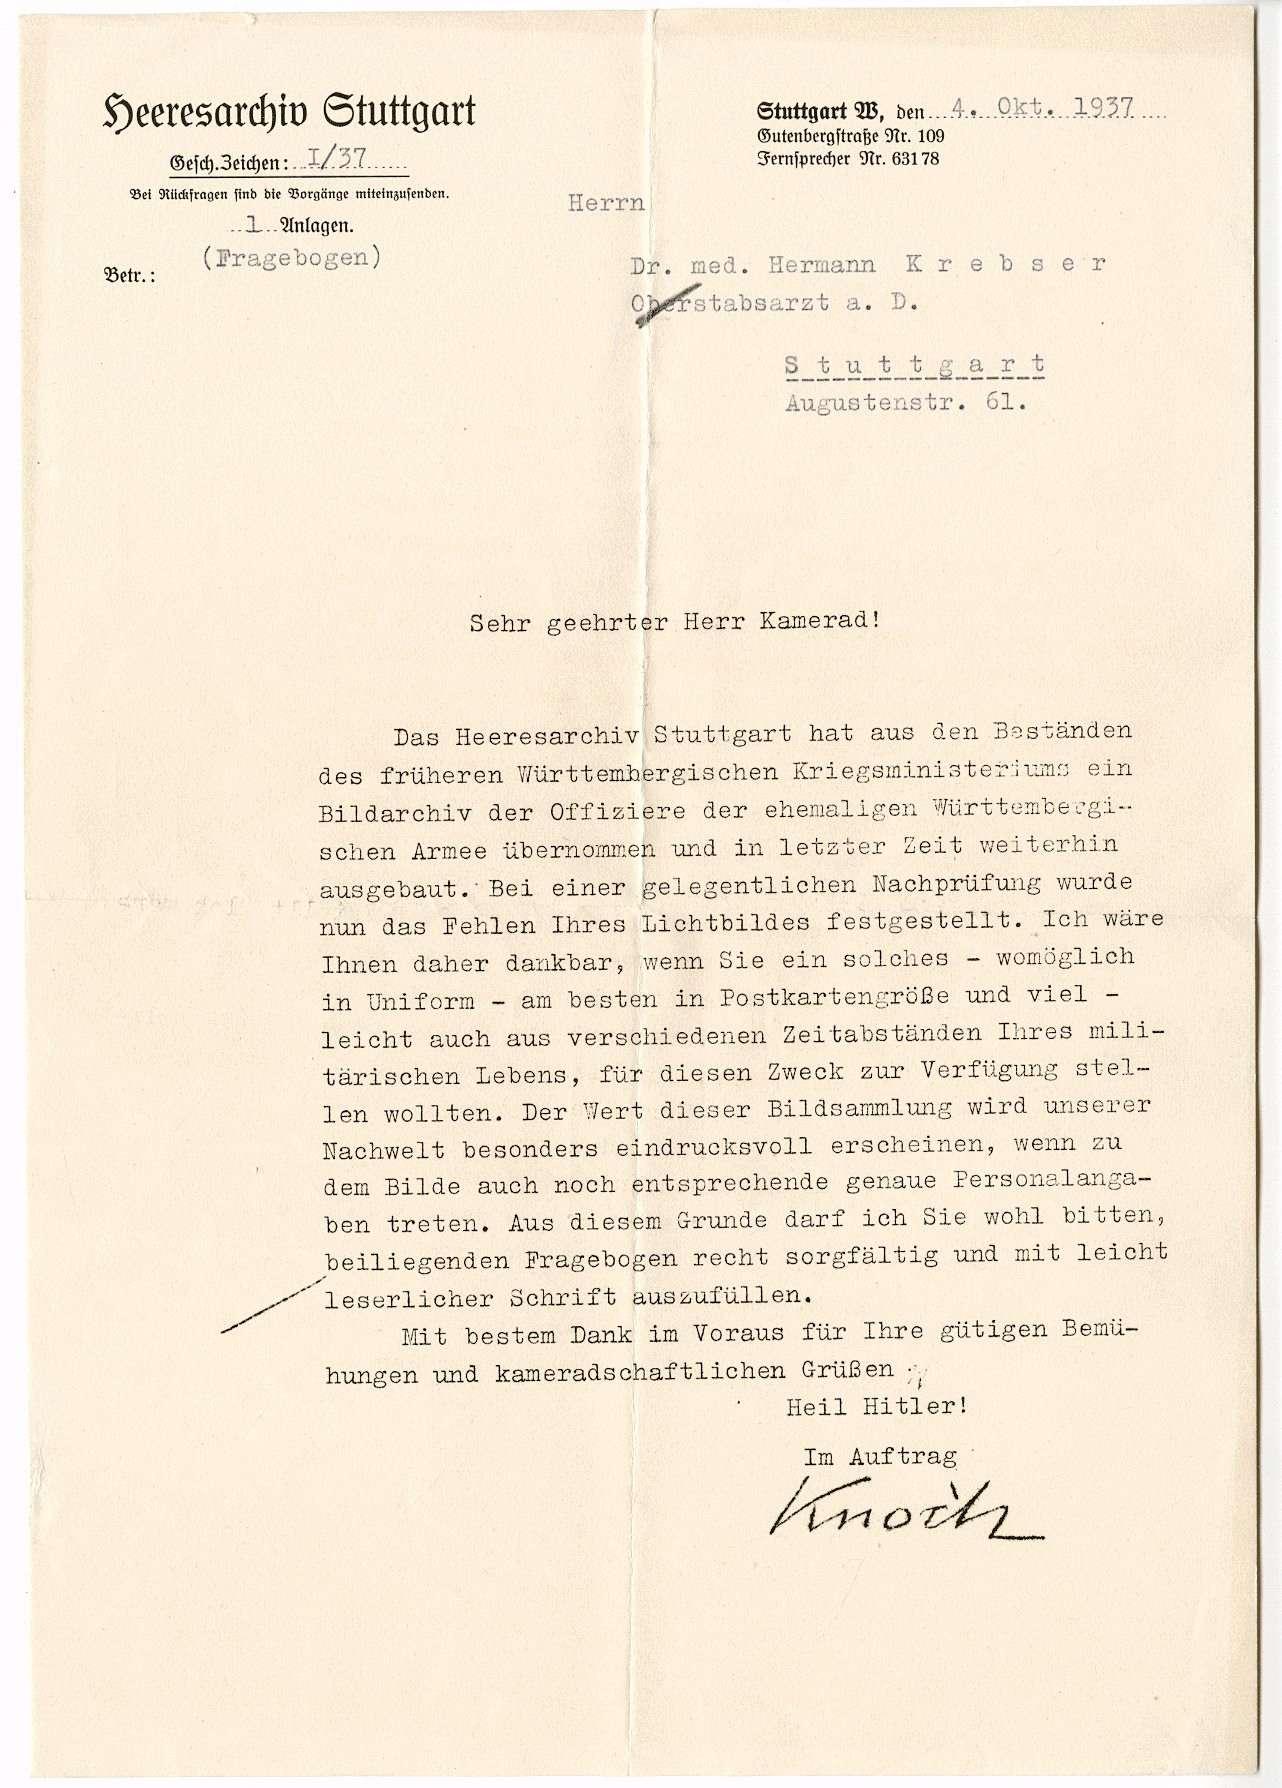 Krebsen, Hermann, Dr.med., Bild 2